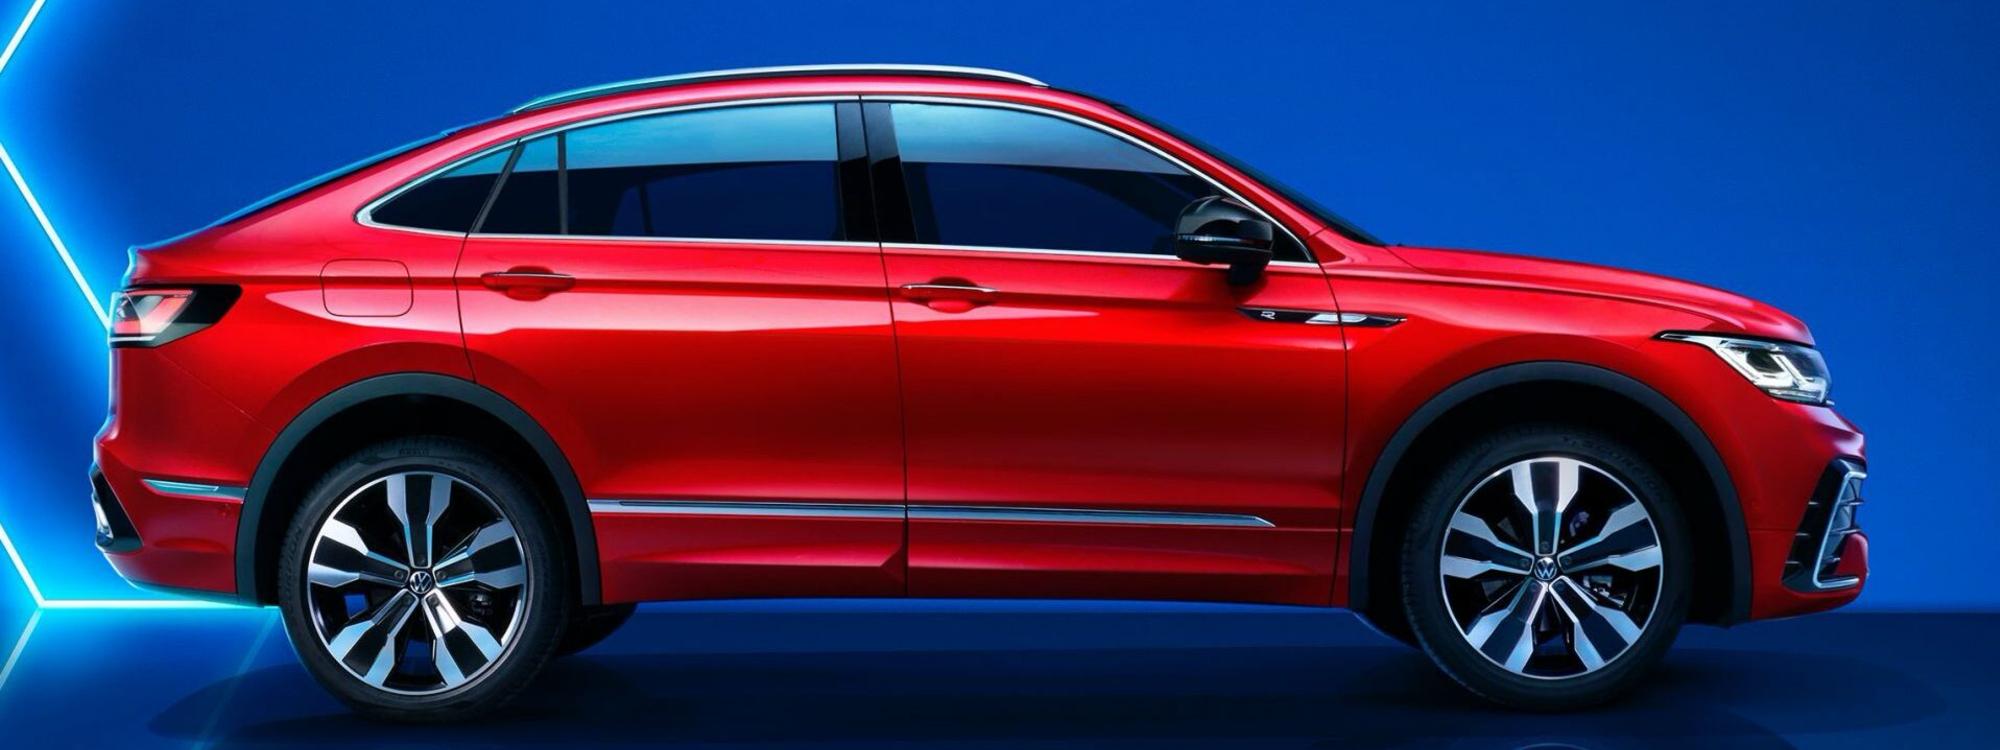 Primeras imágenes oficiales del VW Tiguan coupé